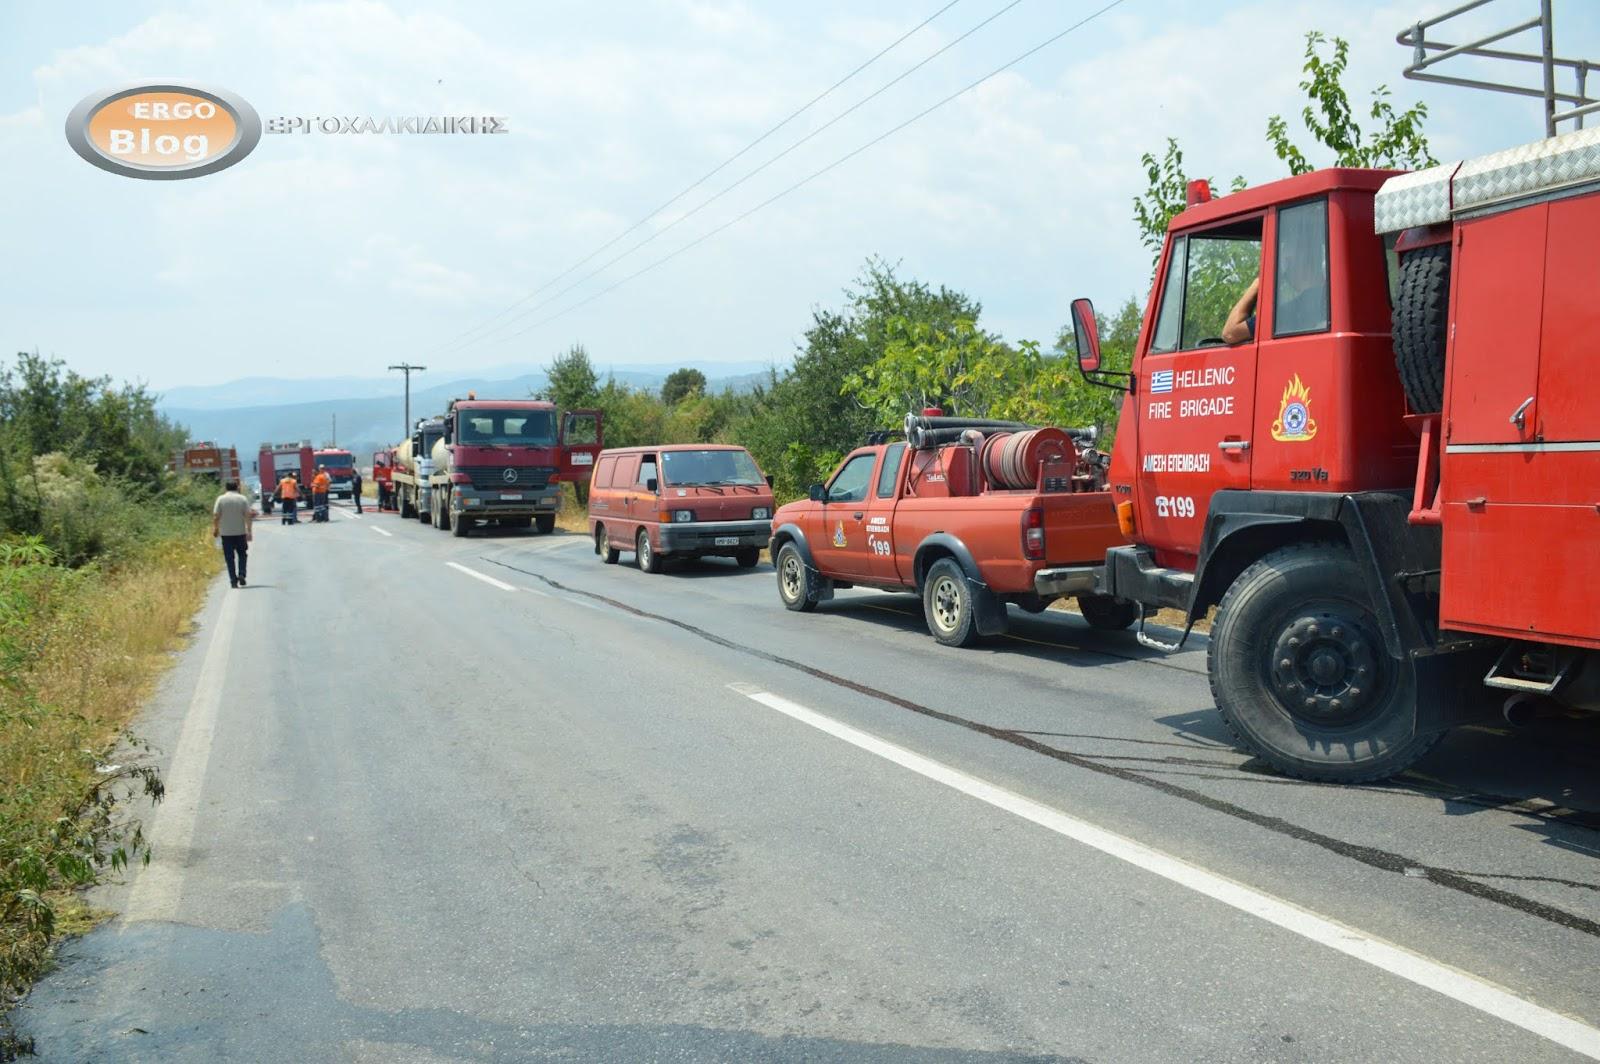 Απαγόρευση κυκλοφορίας στη Χαλκιδική λόγω πολύ υψηλού κινδύνου πυρκαγιάς